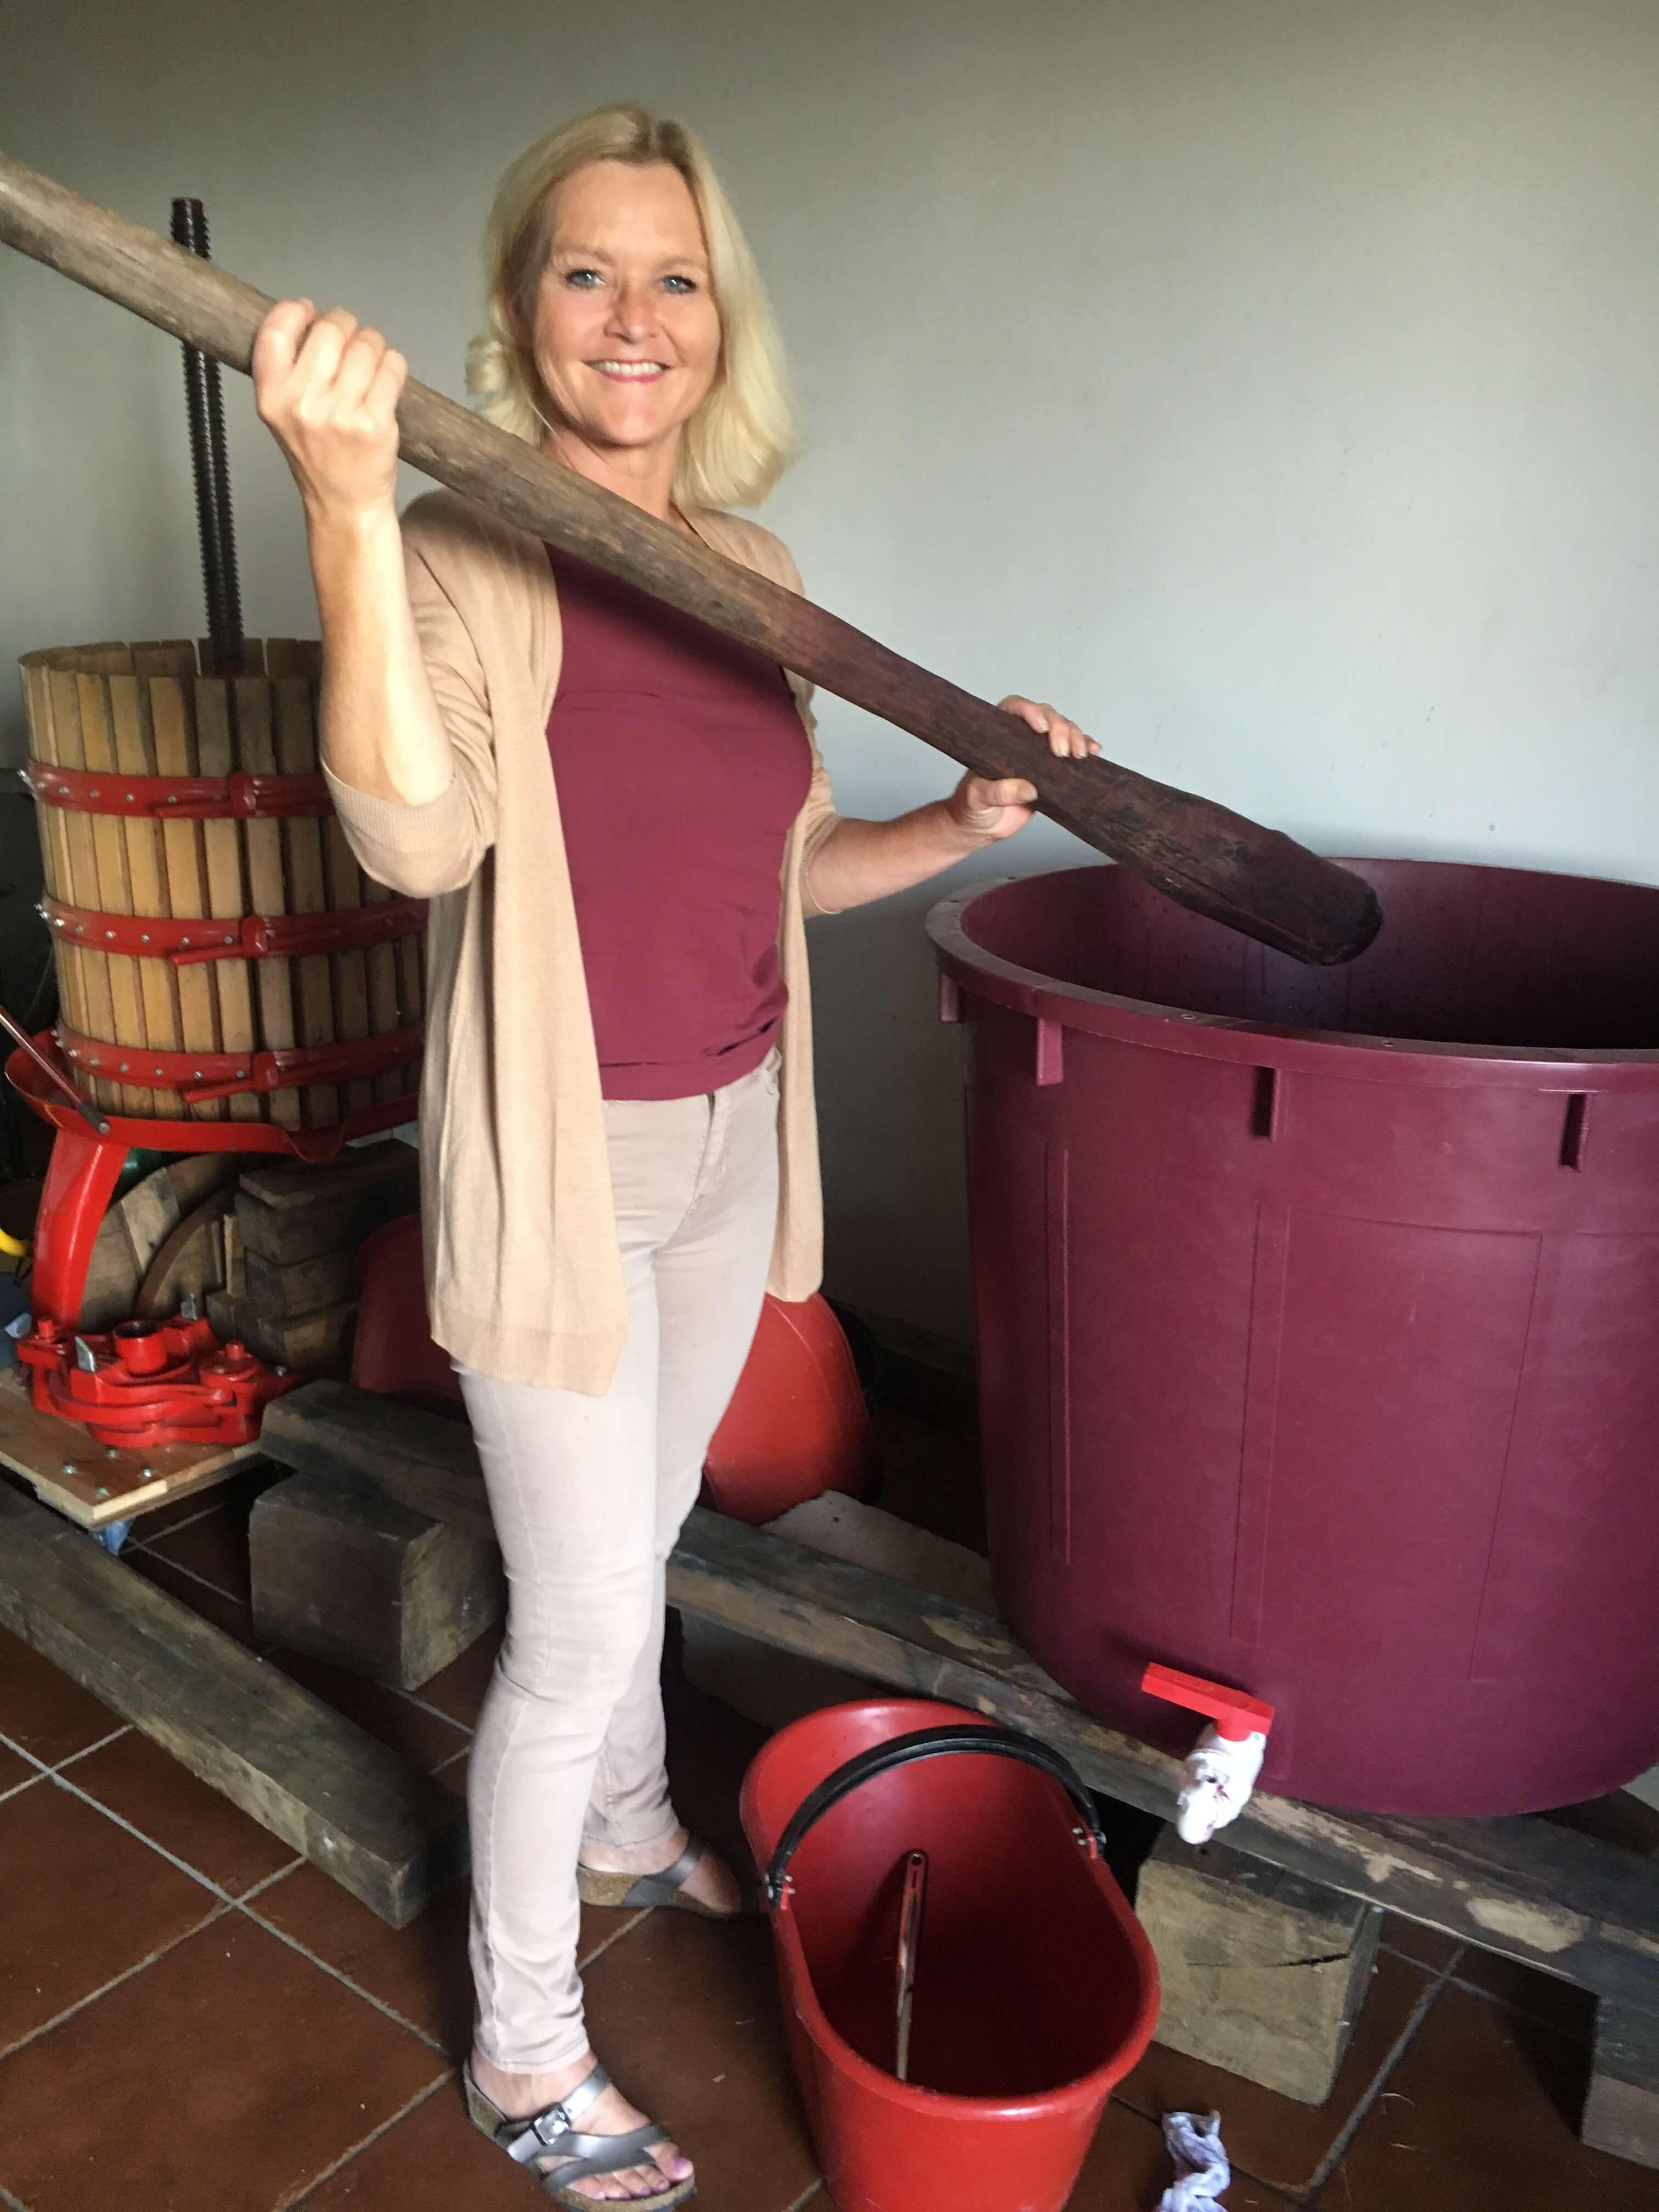 Årets druer er høstet og står i vinkjelleren for å bli til vin. For at det skal skje, må jeg påse at druene gjærer. Det er en utrolige spennende tid.